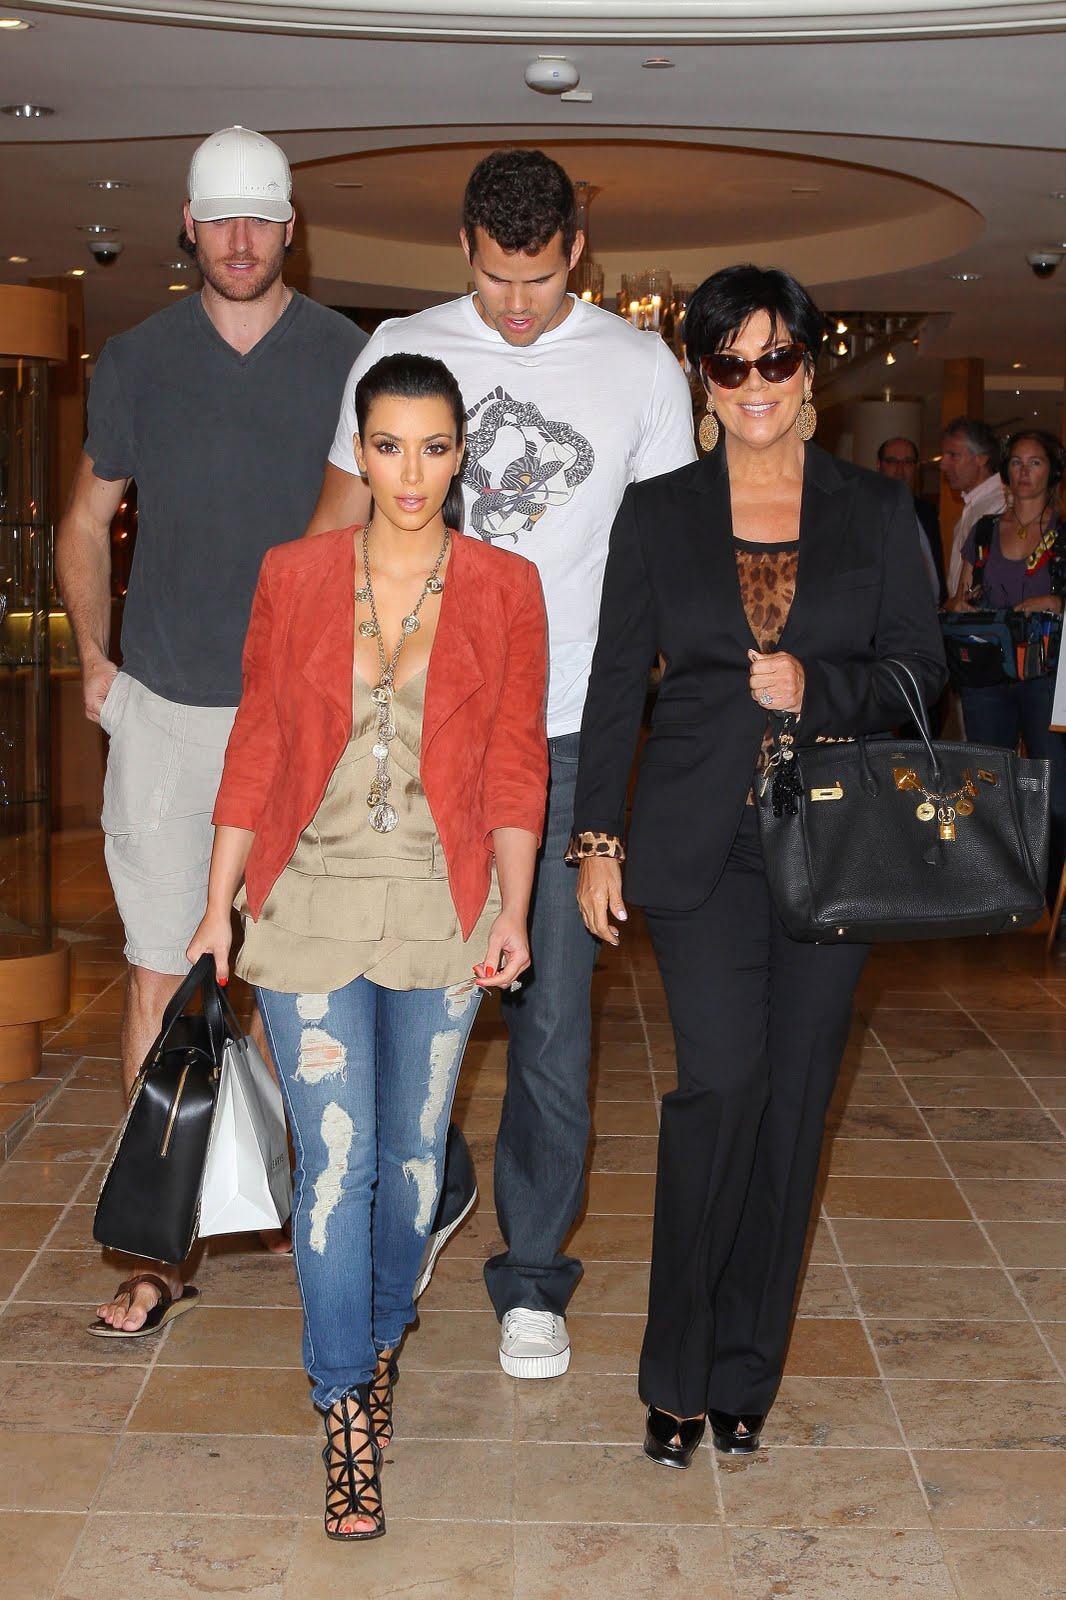 http://3.bp.blogspot.com/-DlRA14TI_aY/TkuhvgiIotI/AAAAAAAAFv0/Se7Lh3x5Mok/s1600/Kim+Kardashian+and+Kris+Humphries-kim+and+chris-wedding+pics+%252812%2529.jpg